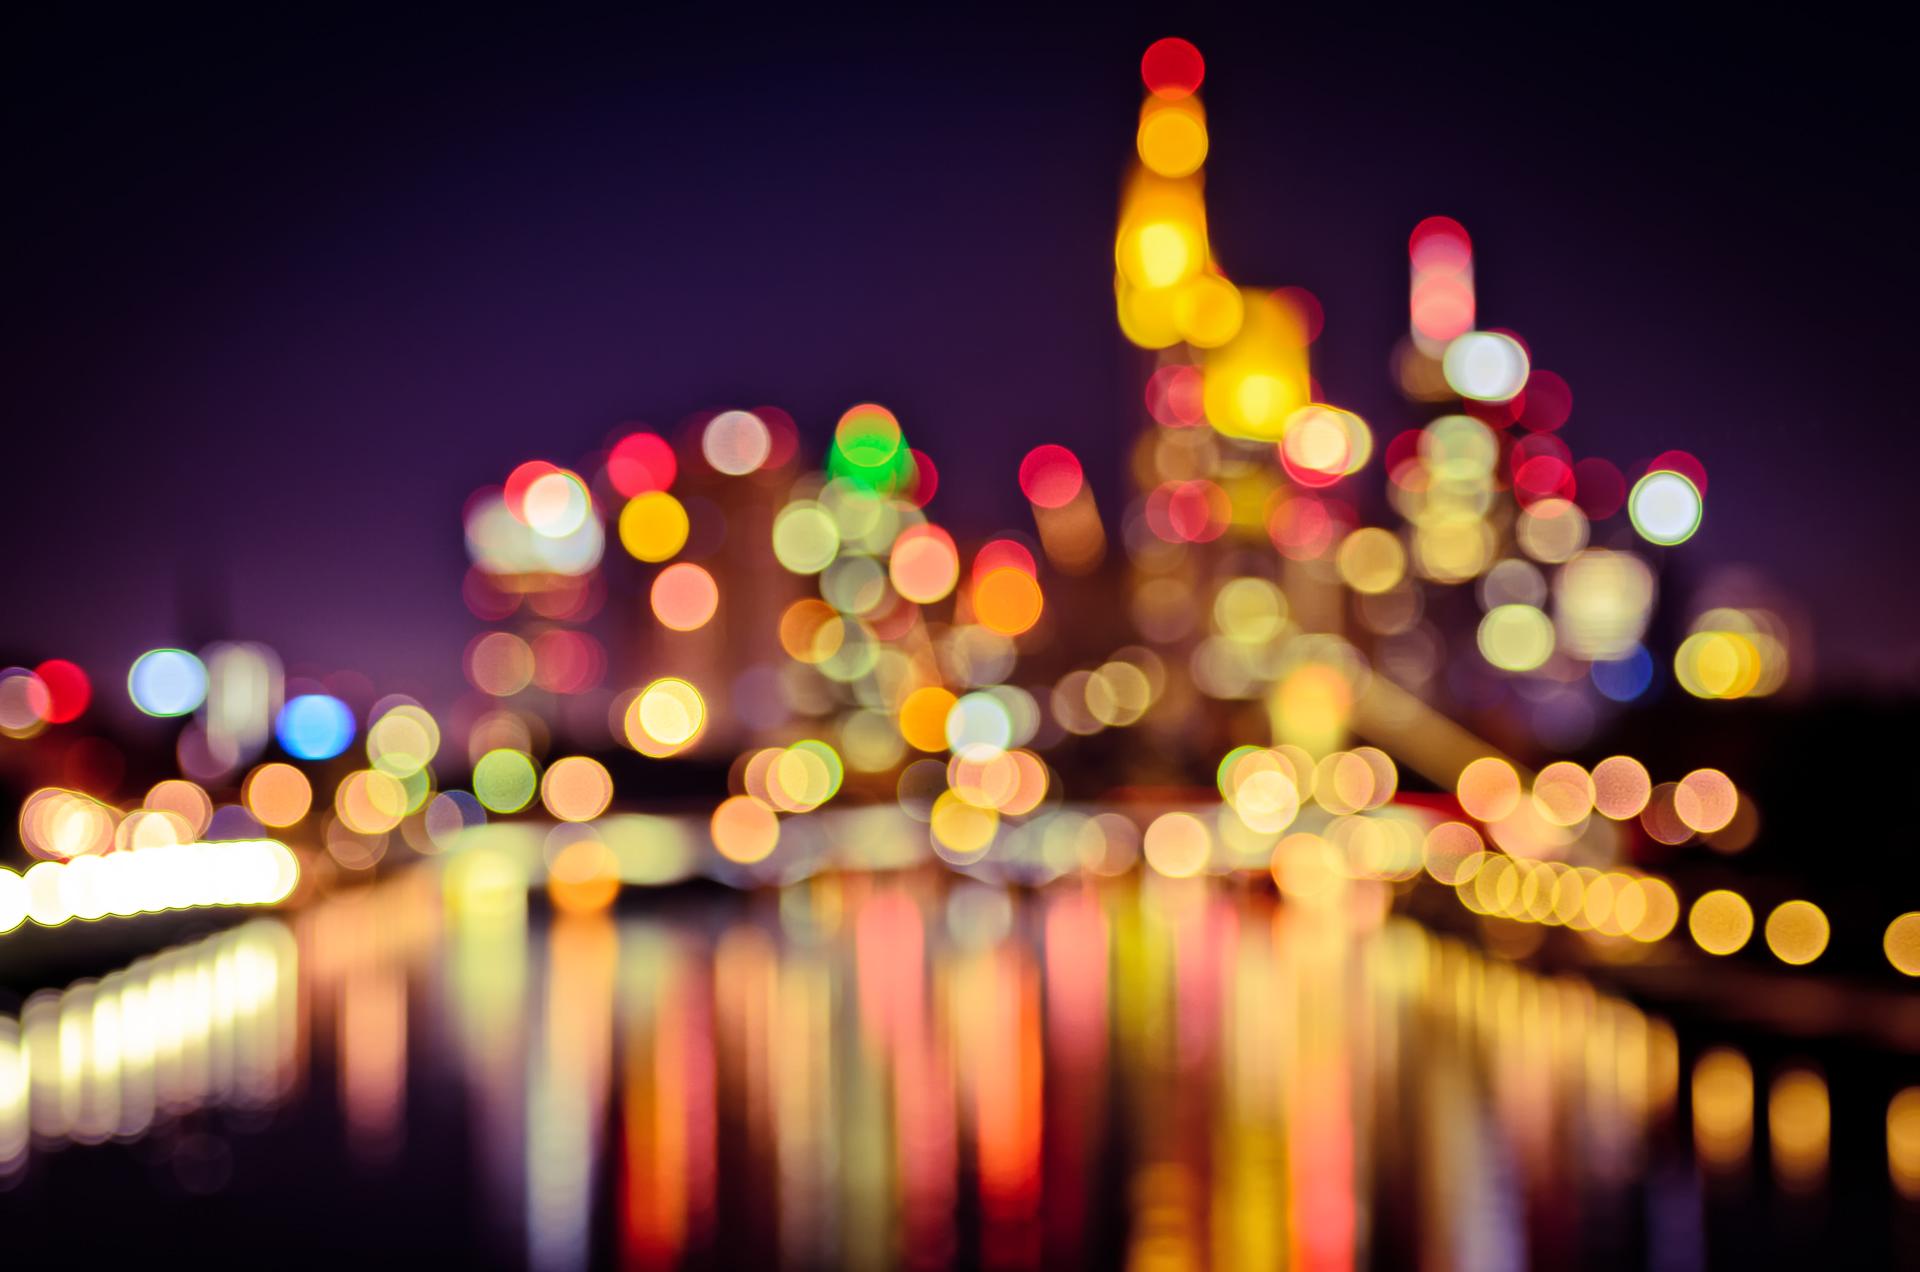 фоторедактор огни вечернего города